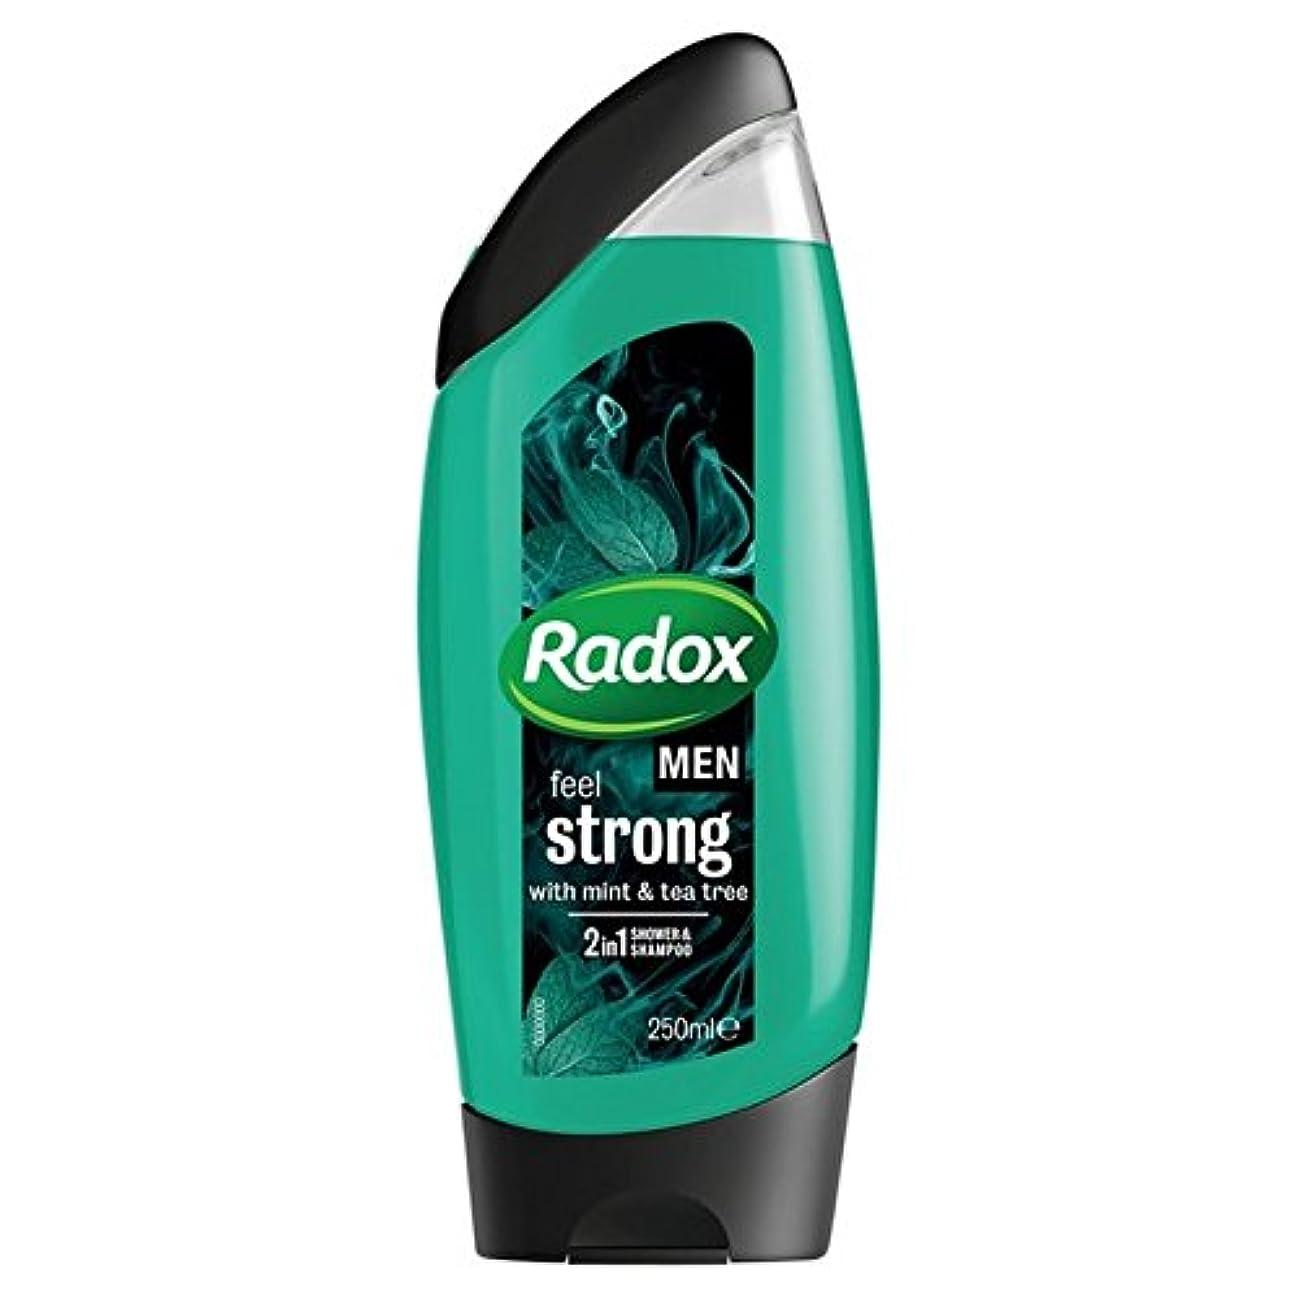 米ドル名誉ある枠Radox Men Feel Strong Mint & Tea Tree 2in1 Shower Gel 250ml (Pack of 6) - 男性は、強力なミント&ティーツリーの21のシャワージェル250ミリリットルを感じます x6 [並行輸入品]